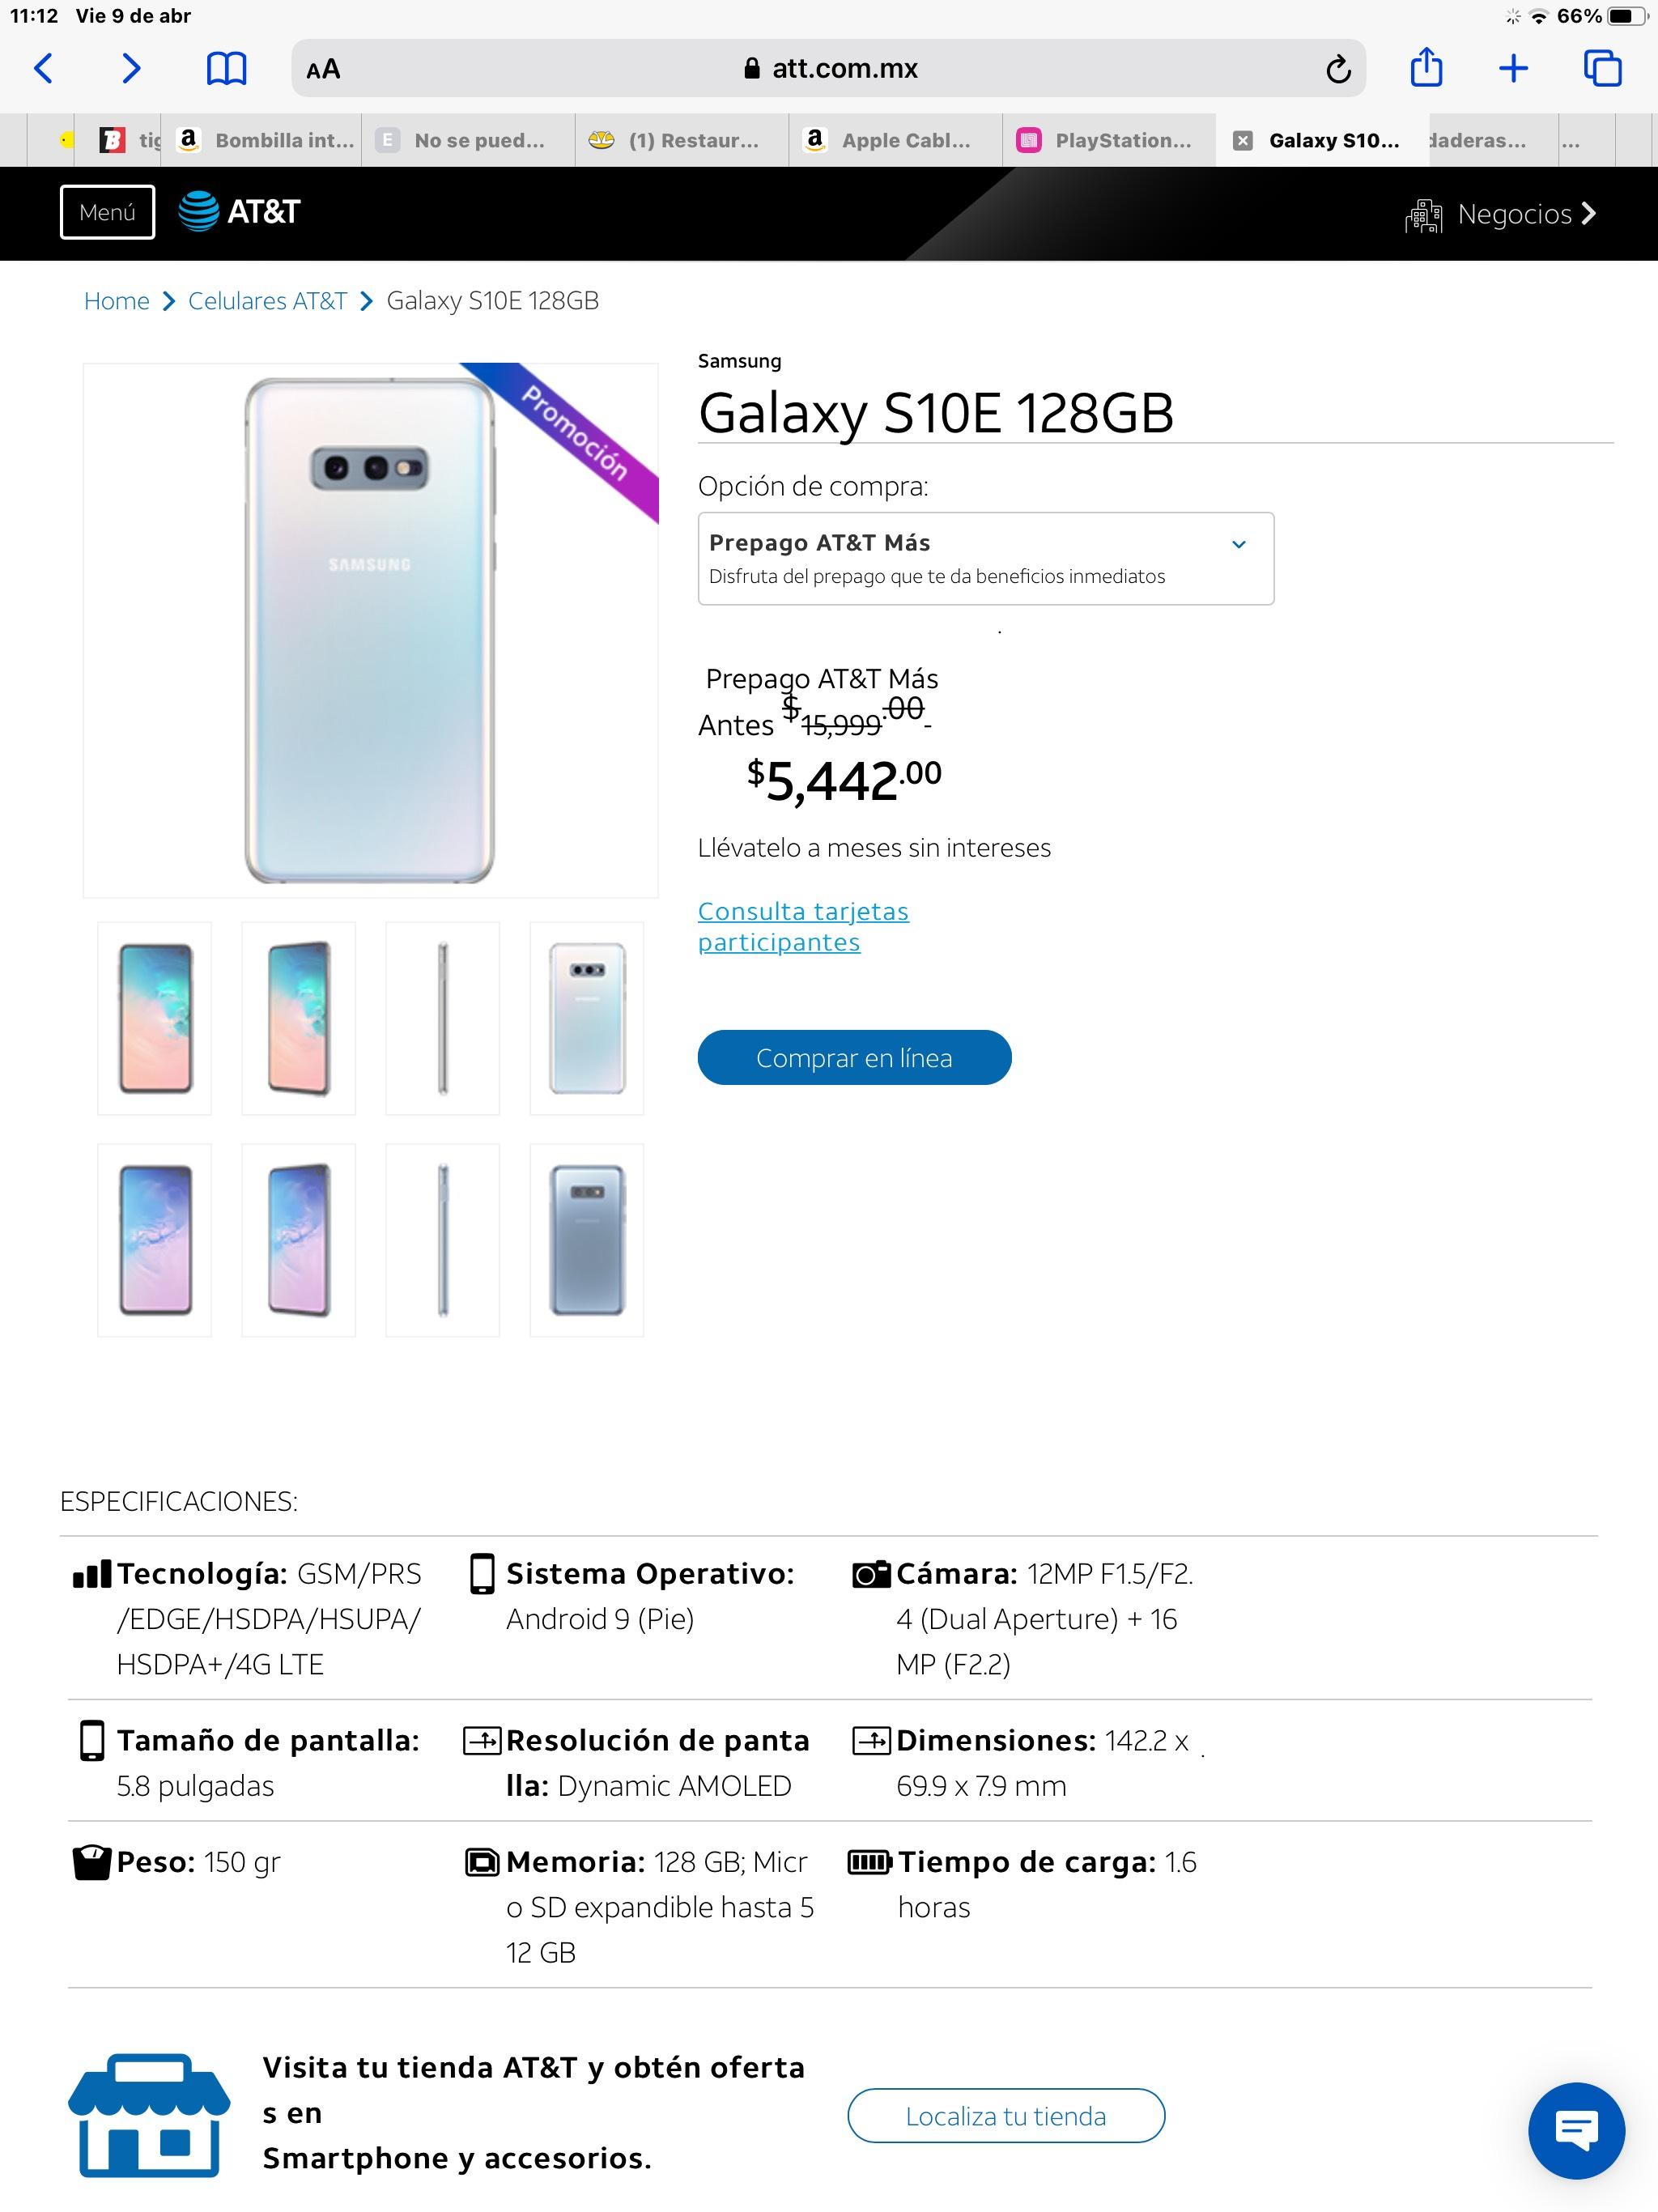 AT&T, Galaxy S10e